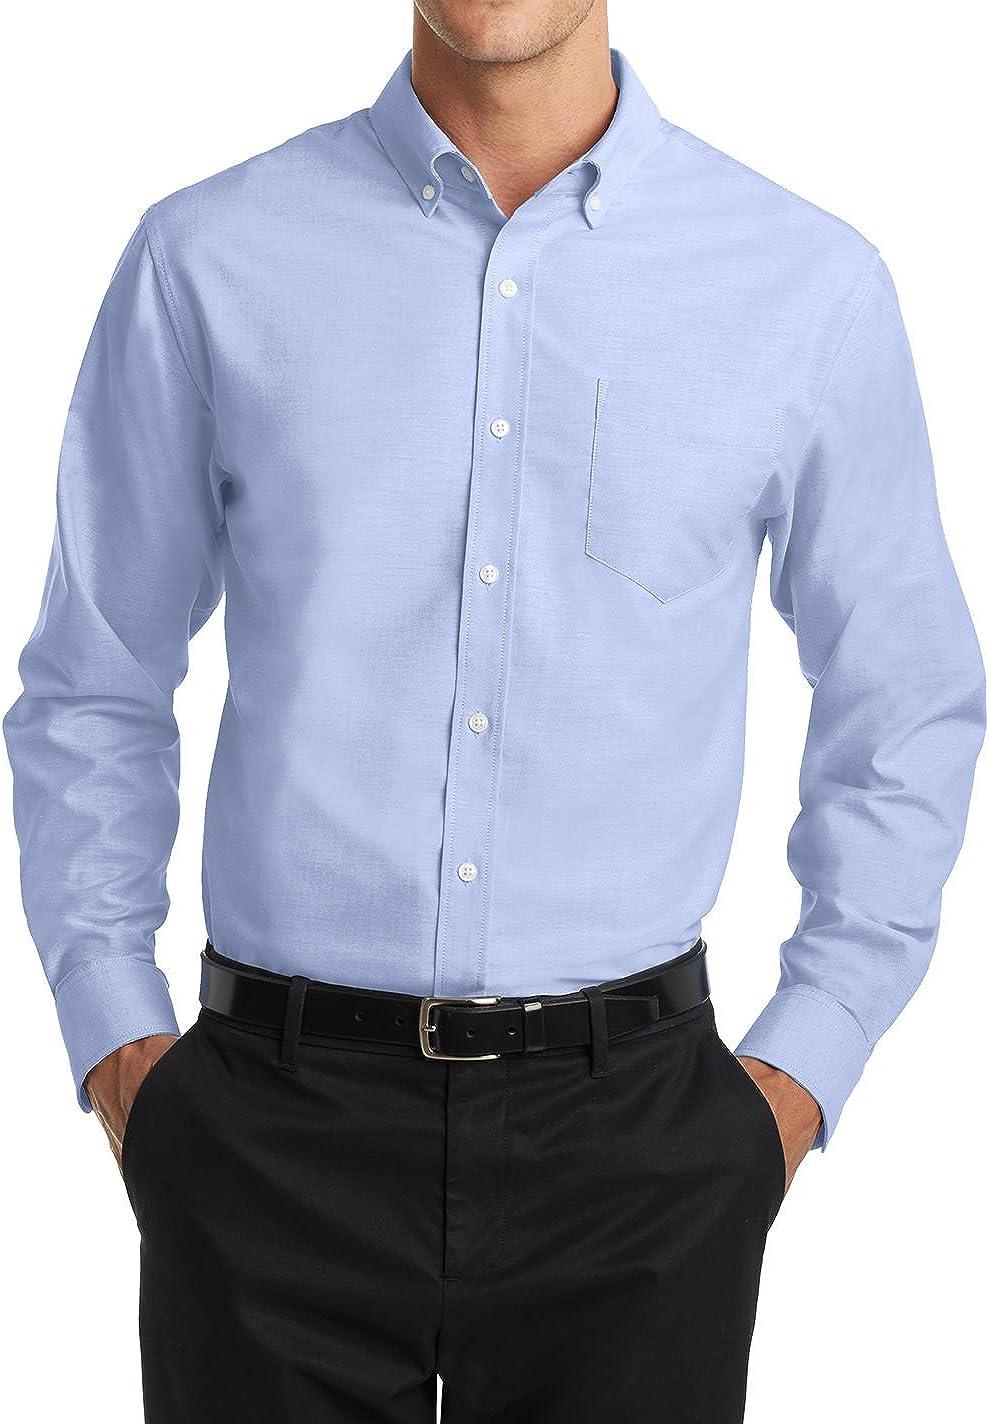 贈物 Men's Long オーバーのアイテム取扱☆ Sleeve Uniforms SuperPro Down Collar Oxford Sh Button